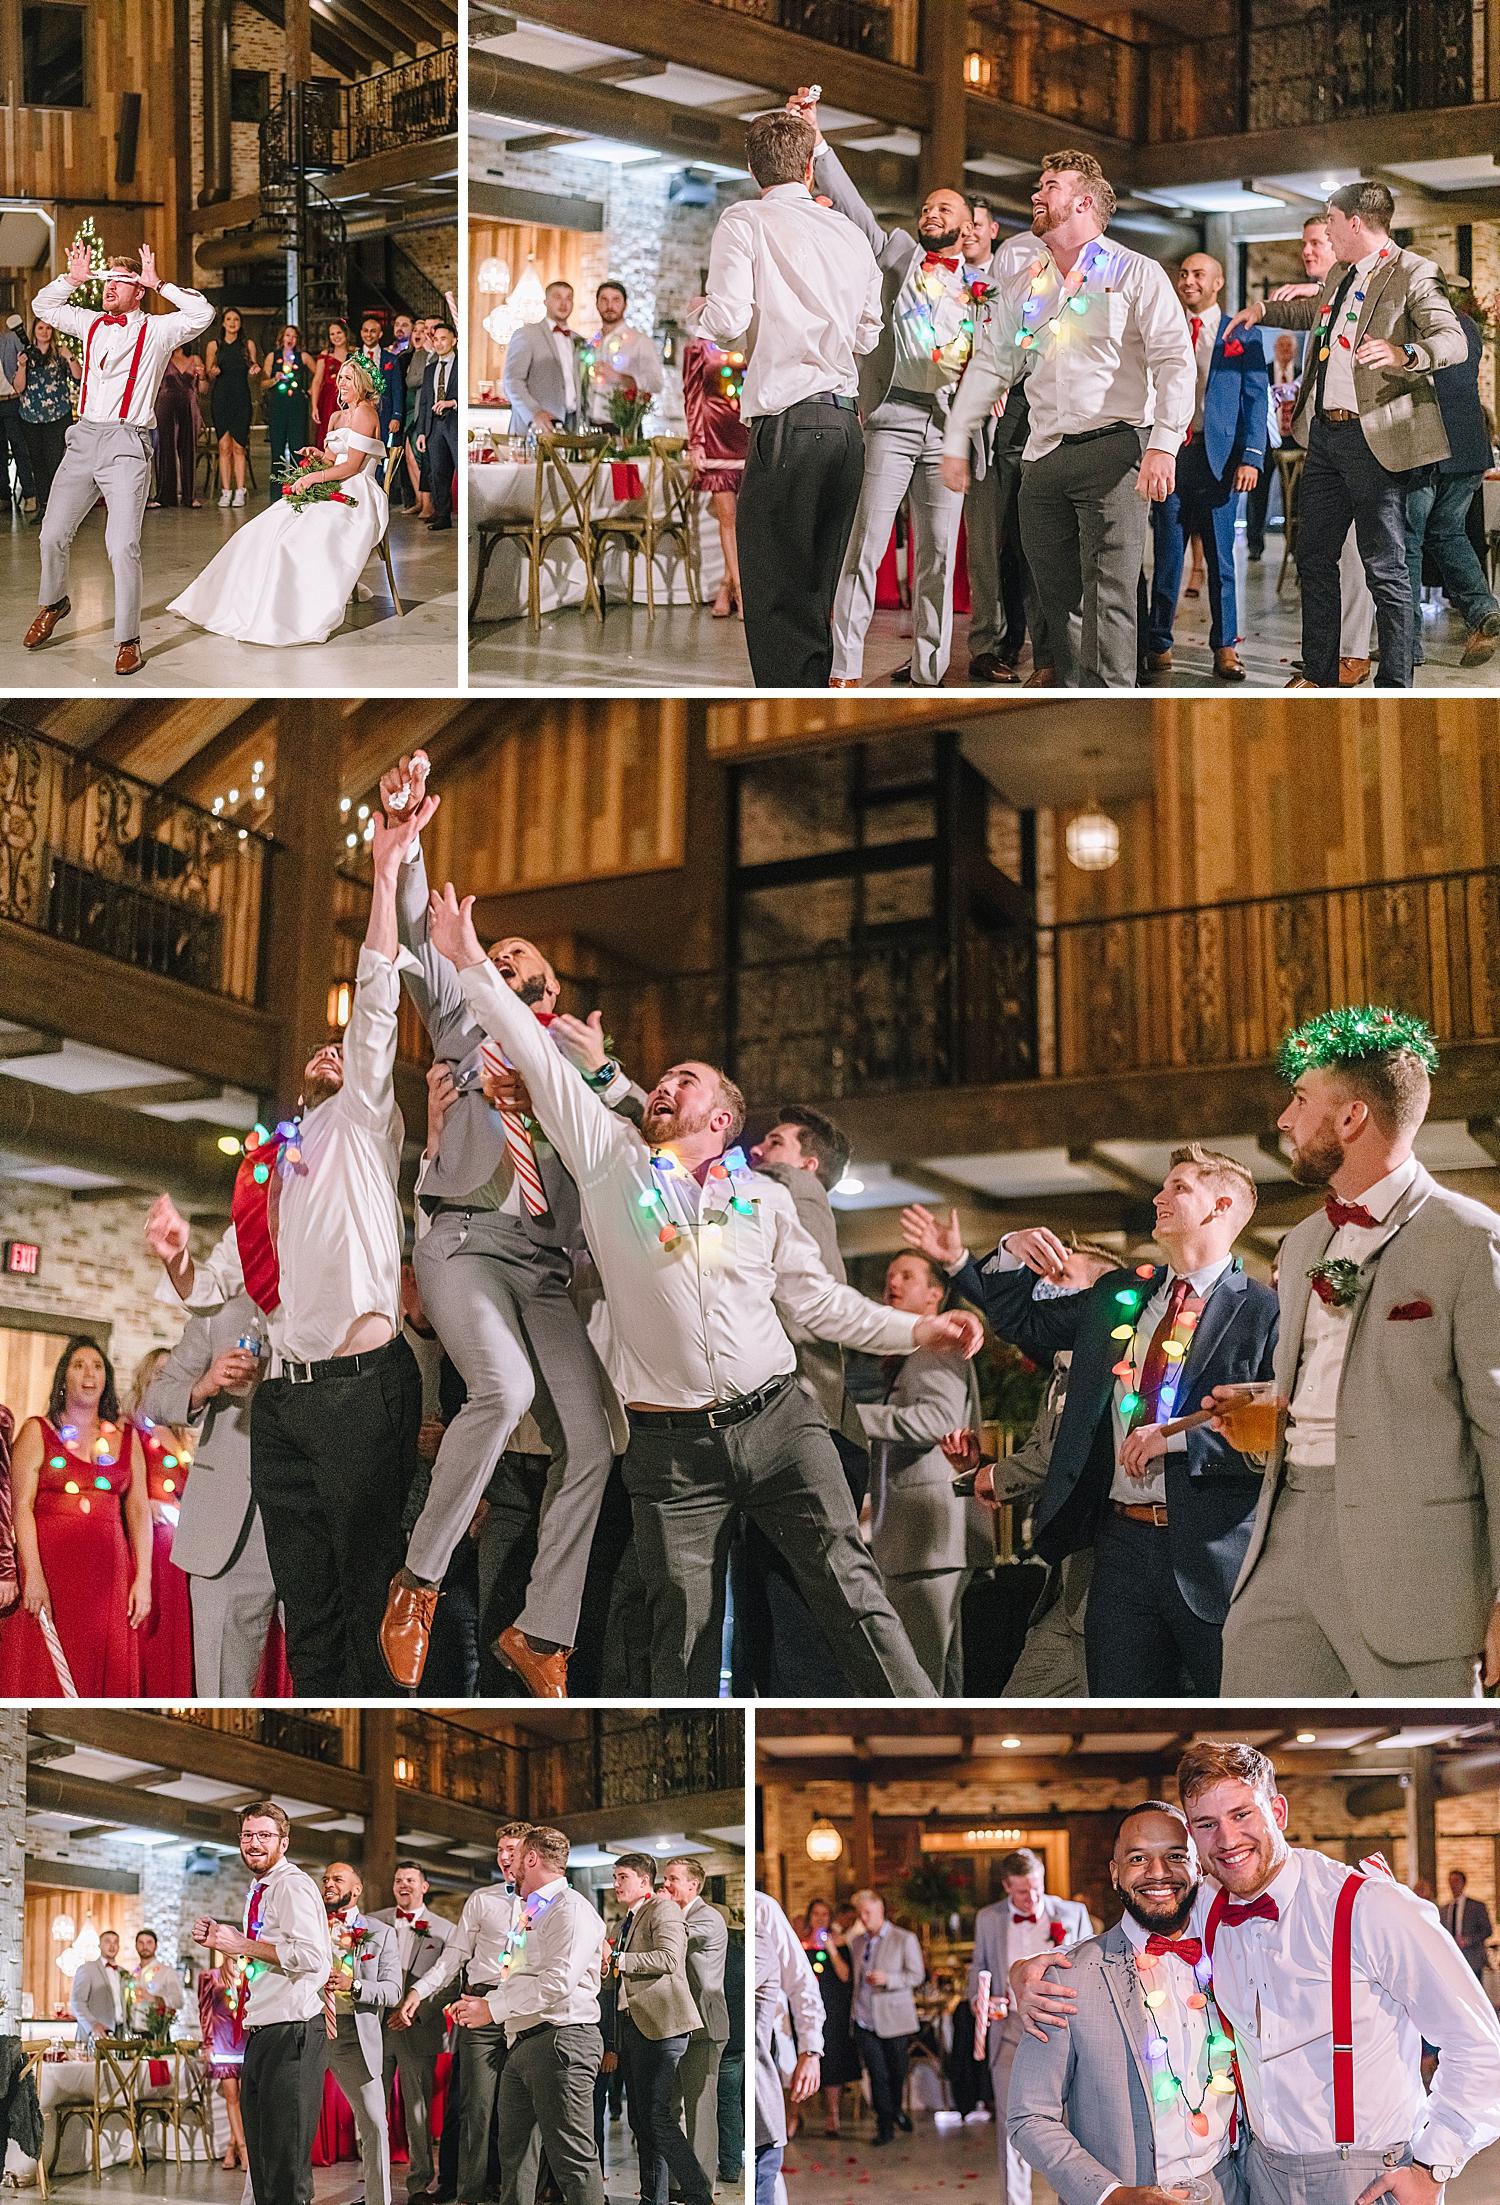 College-Station-Aggie-Wedding-The-Weinberg-at-Wixon-Valley-Christmas-Hallmark-Wedding_0145.jpg